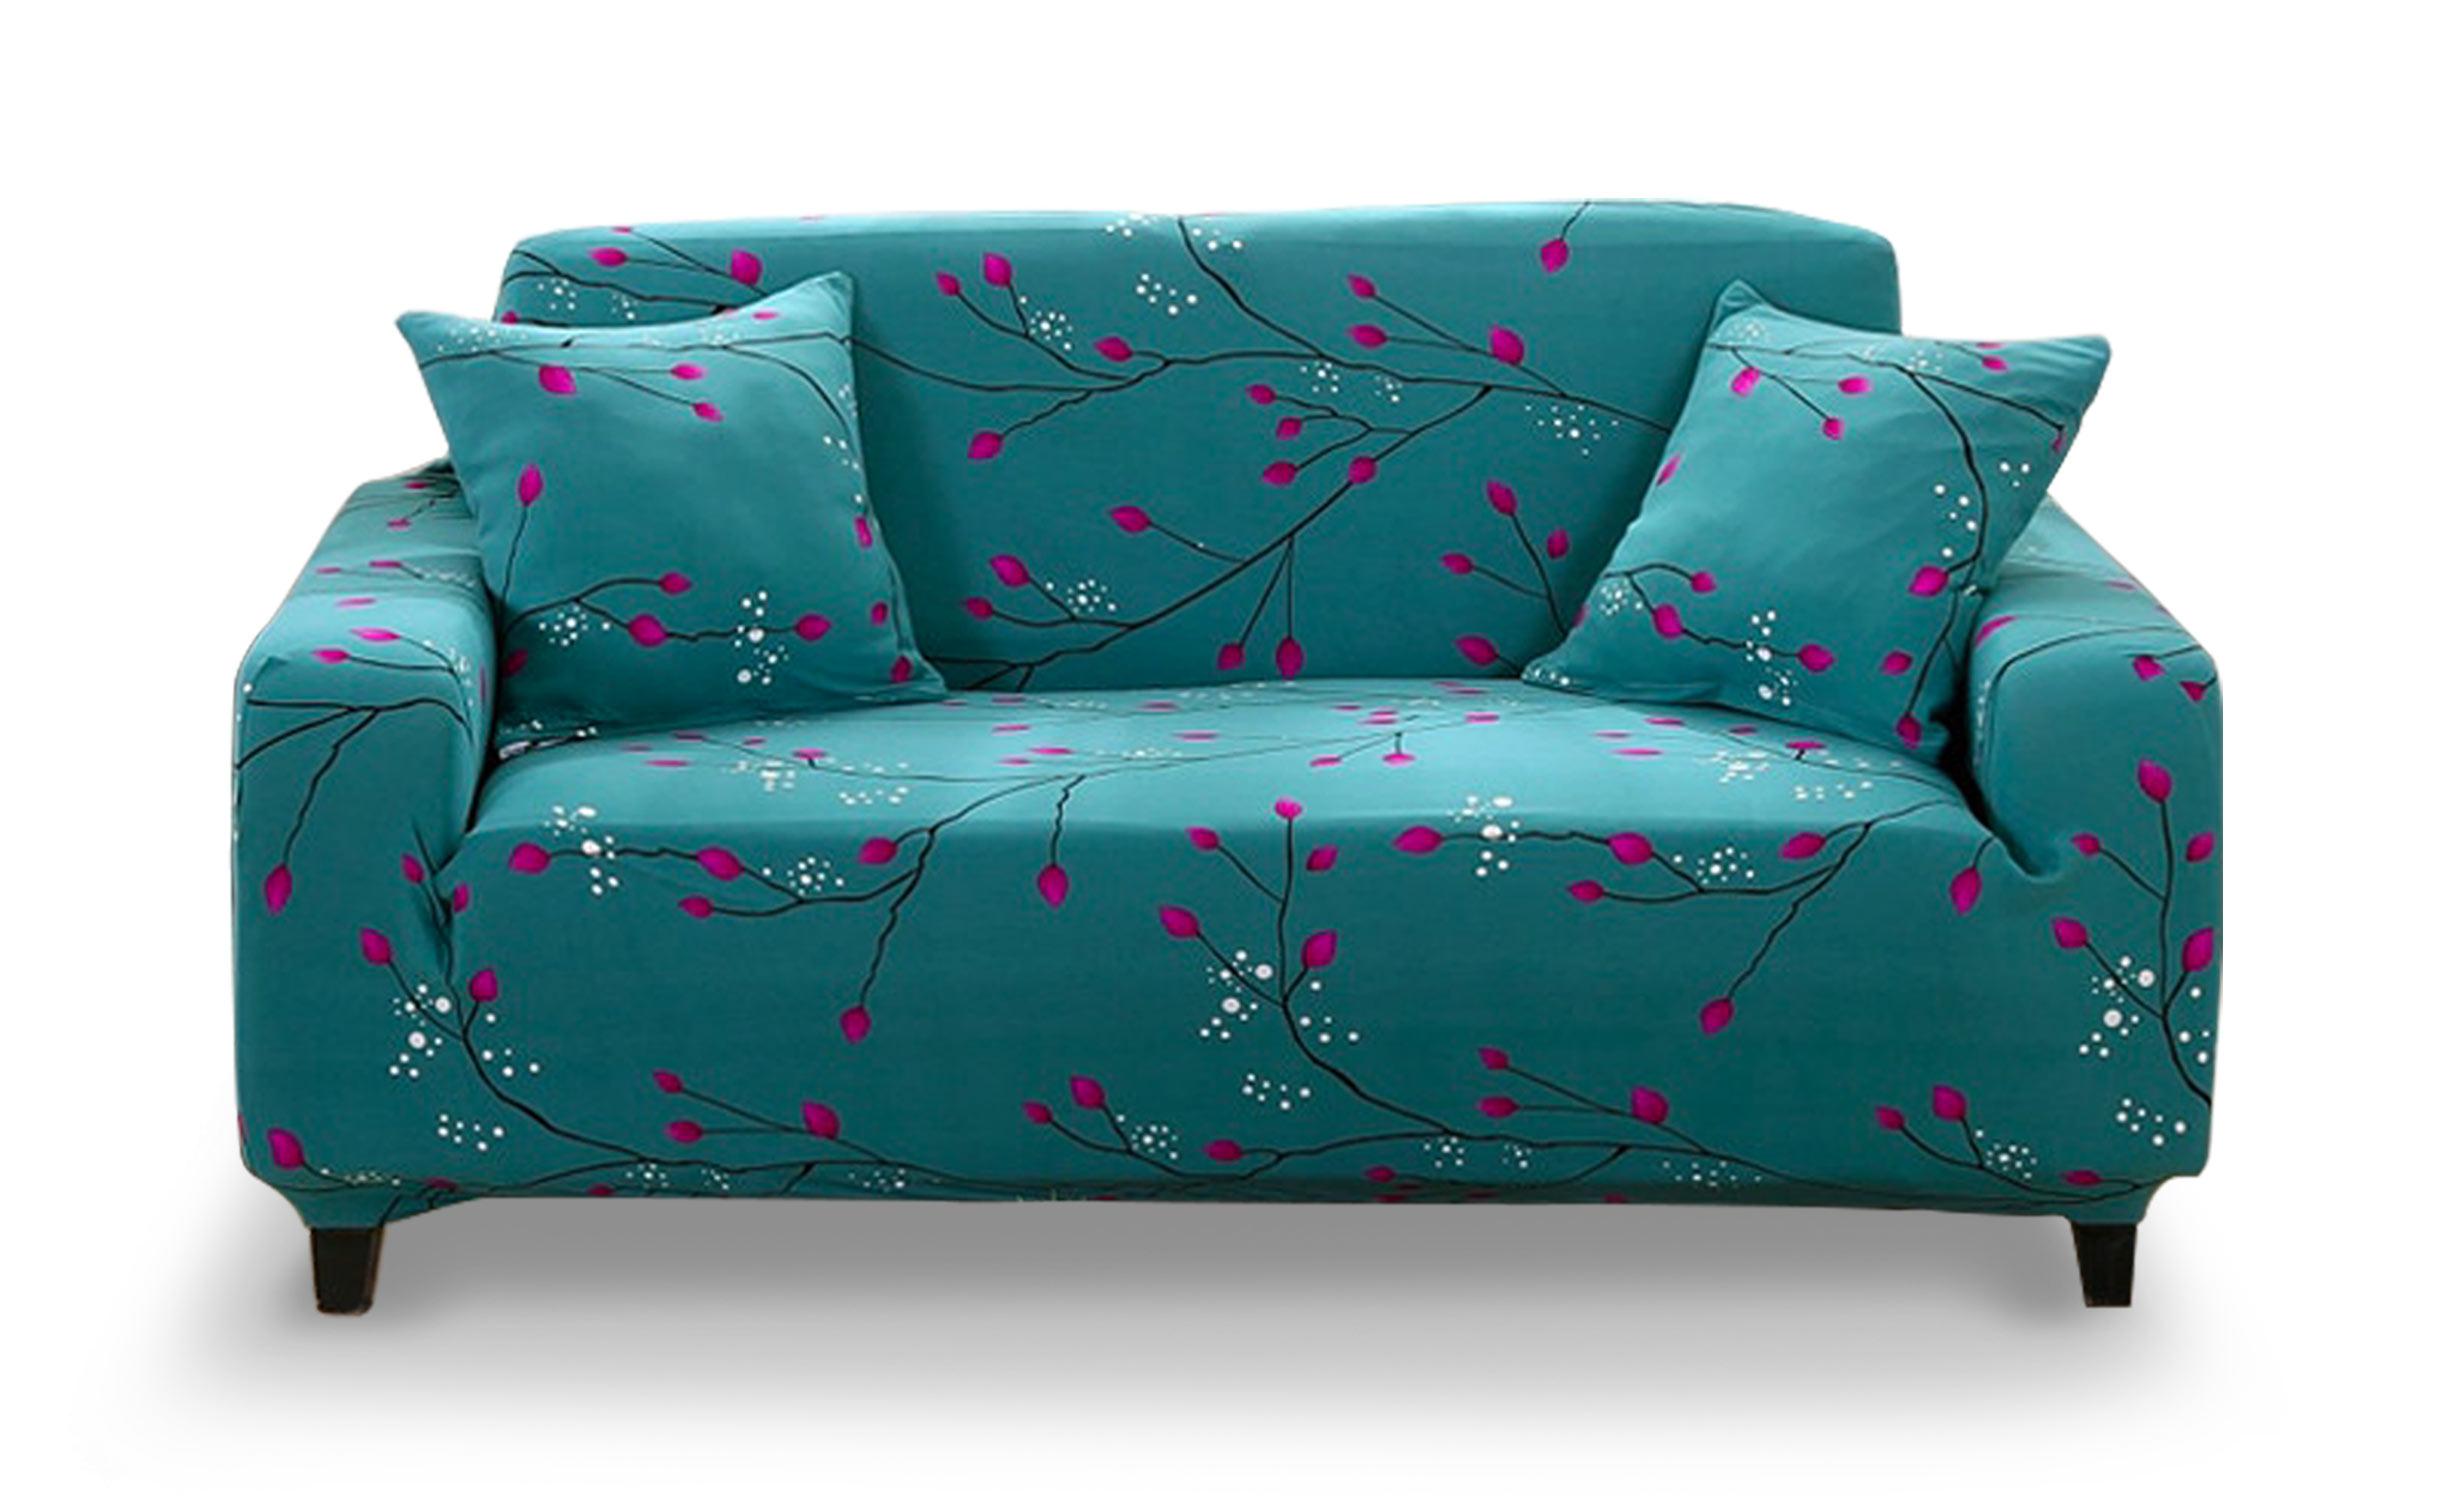 Housse de canapé extensible Decoprotect Fleur 2 places Celina